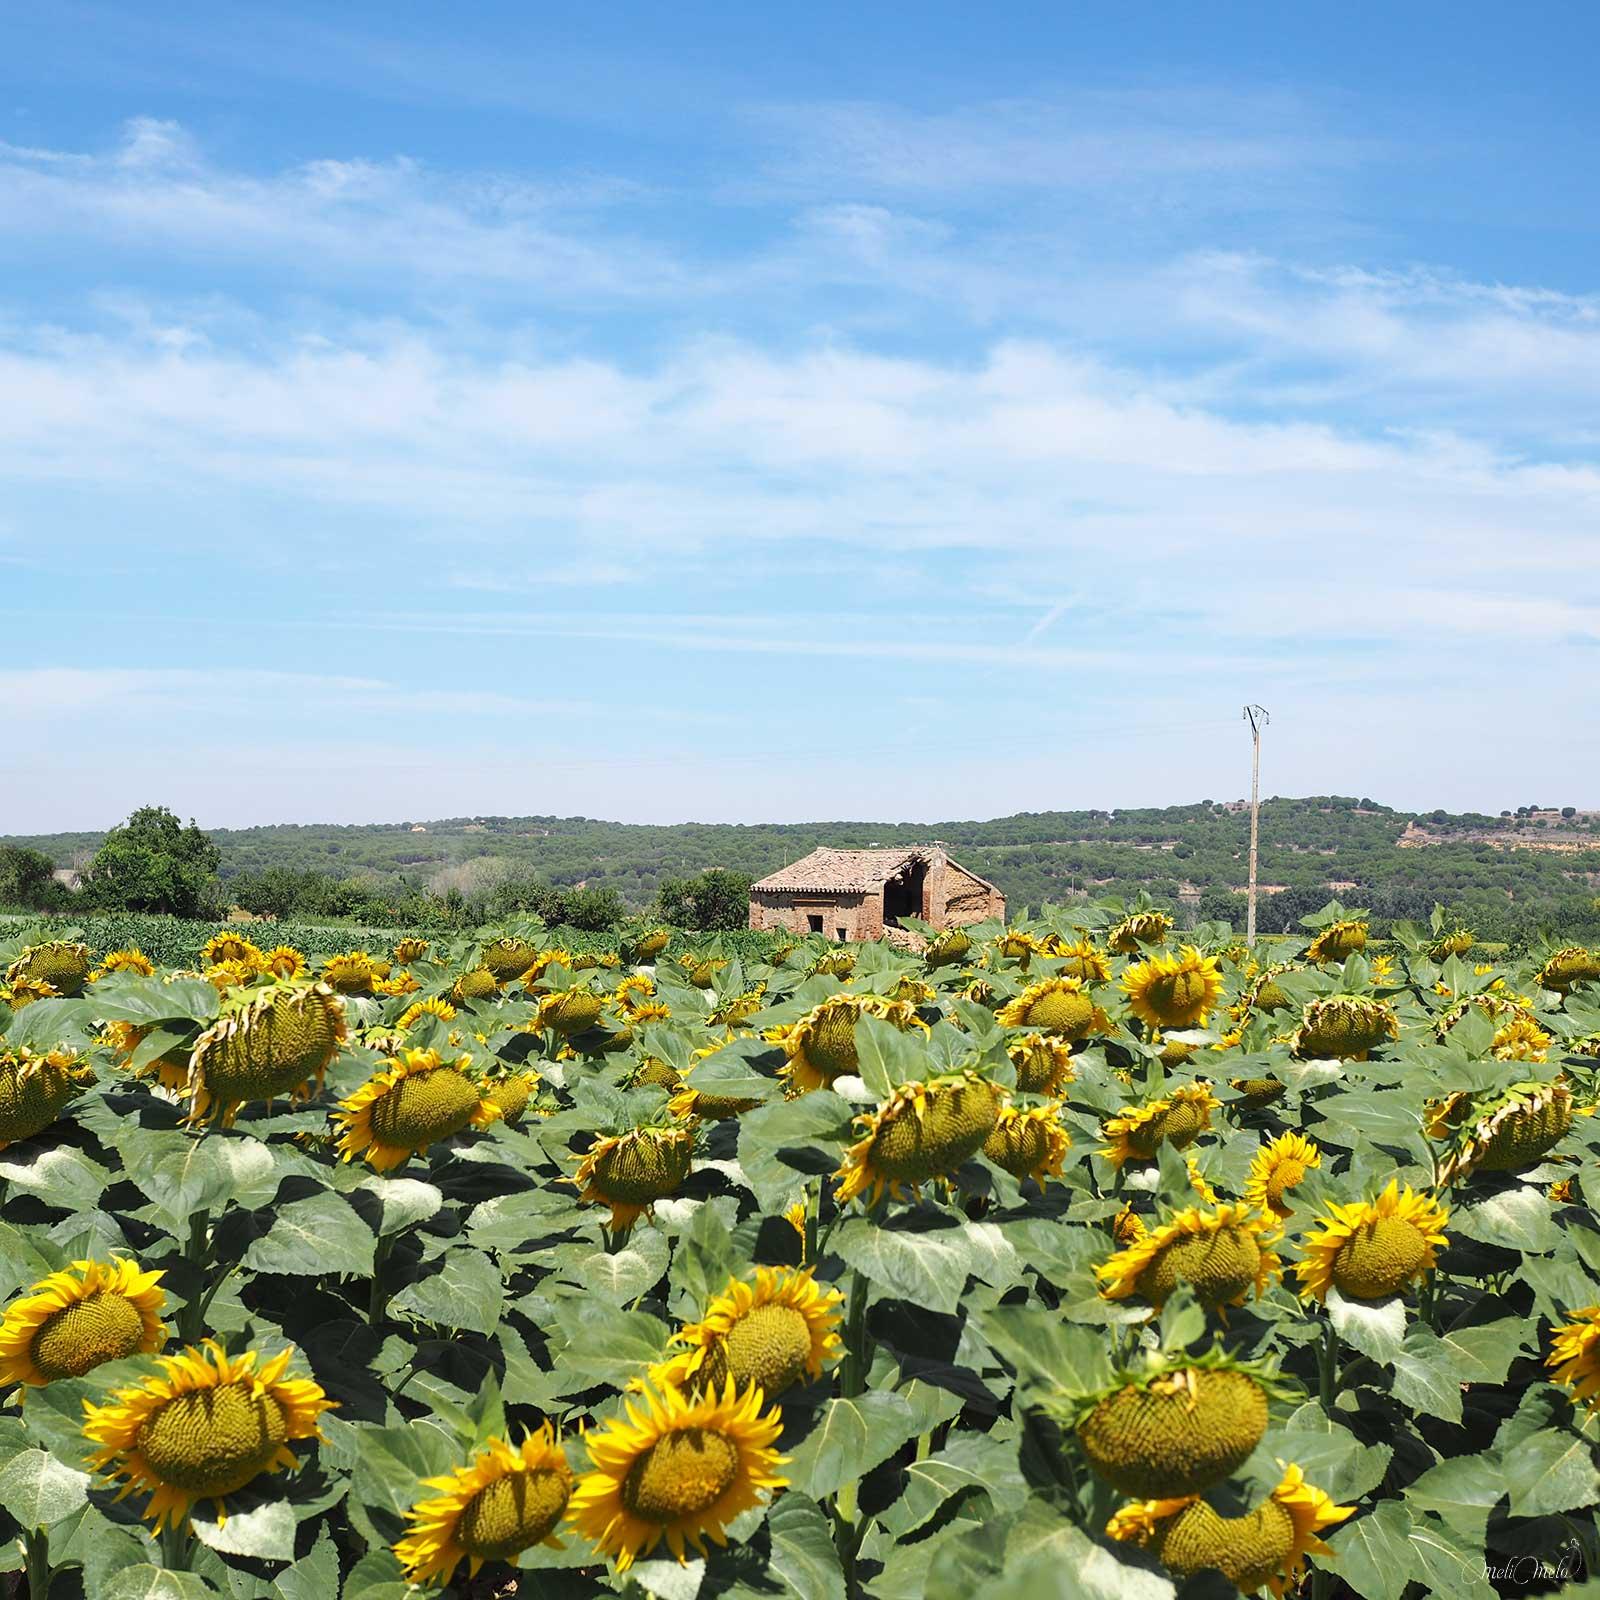 champs de tournesols sunflowers Castilla y León summer blue sky Spain laboutiquedemelimelo